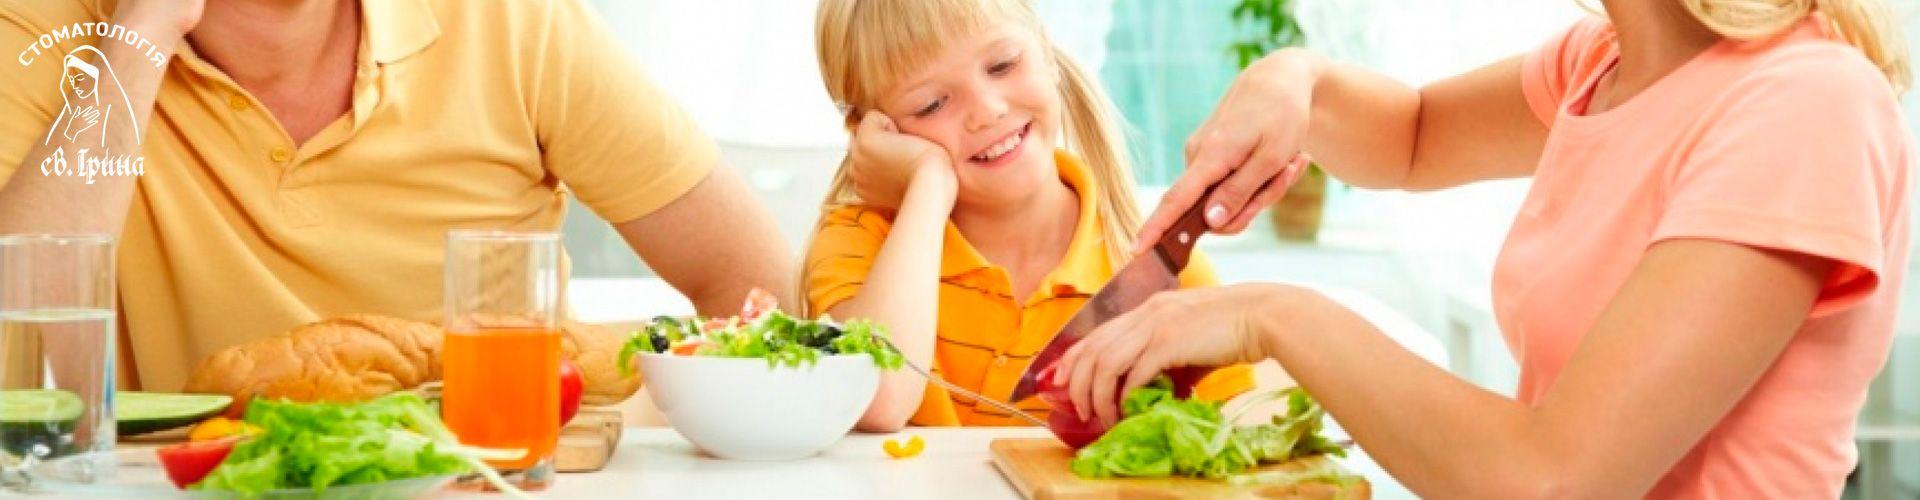 Правильное питание - Рекомендации от специалистов клиники